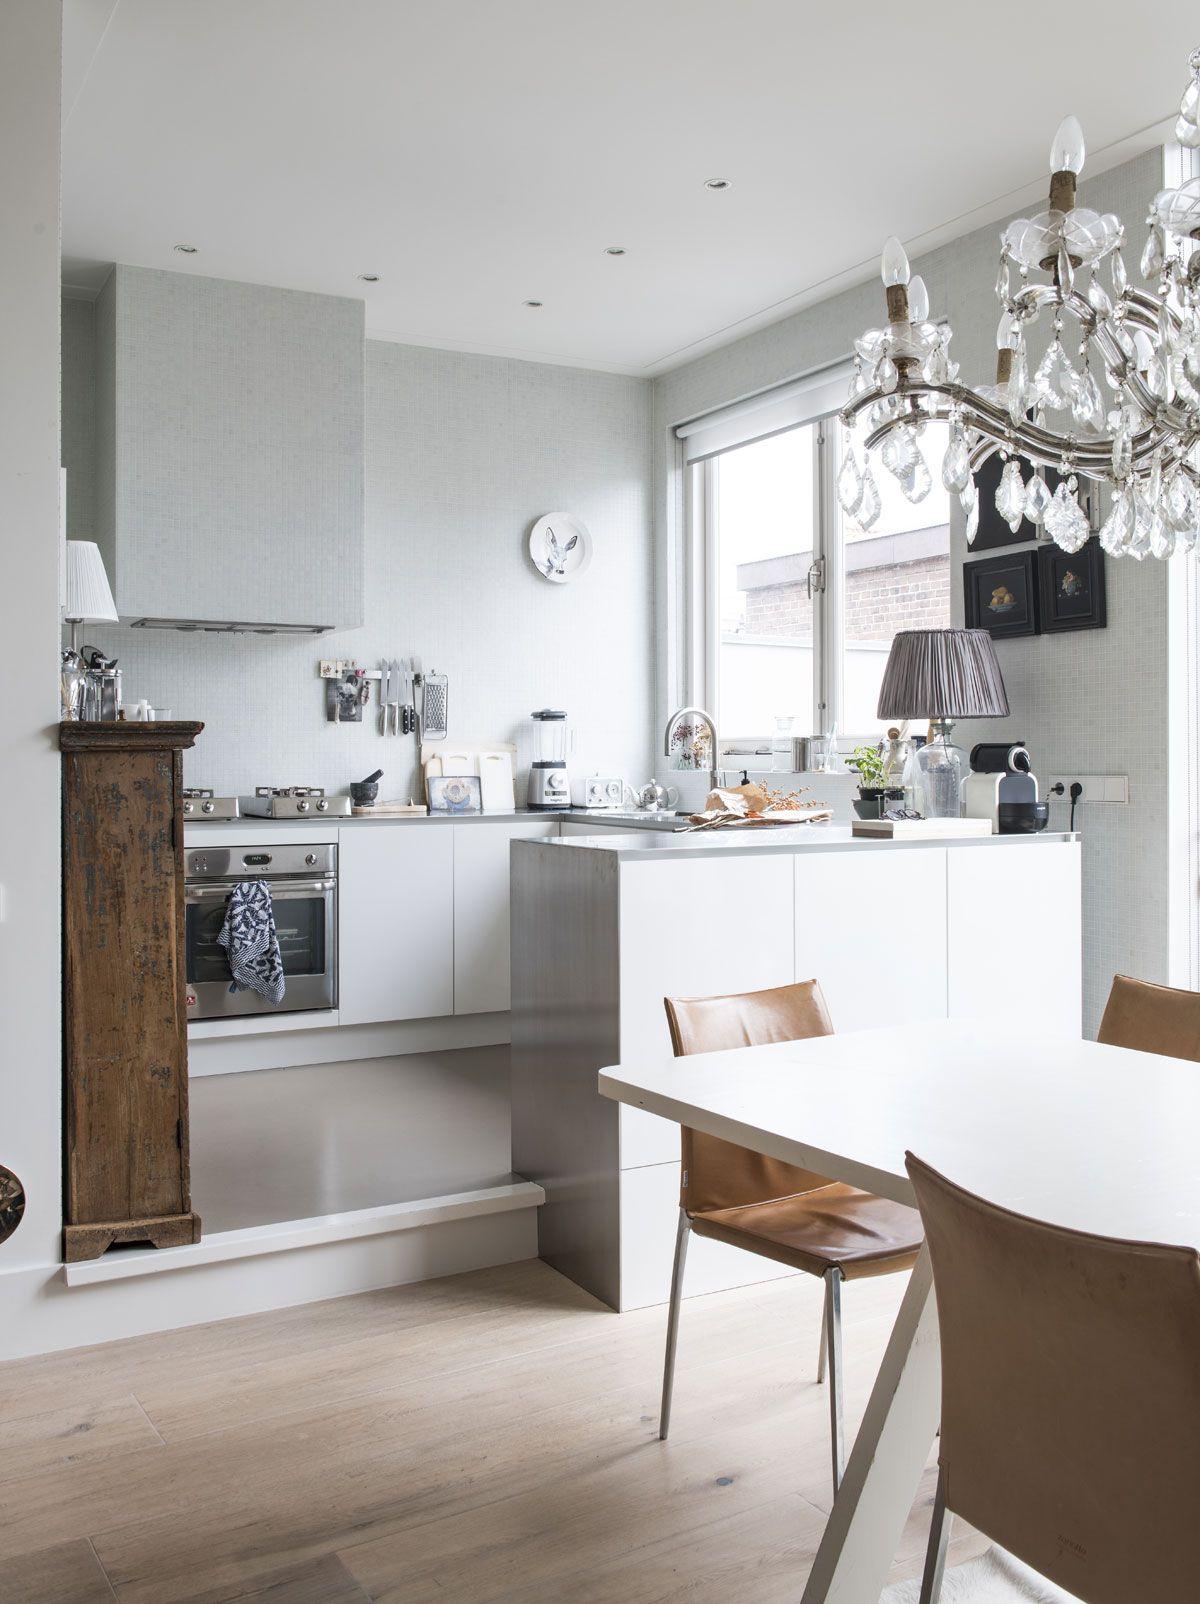 uniek interieur een verhoogde vloer in de keuken het maakt de ruimte speels n